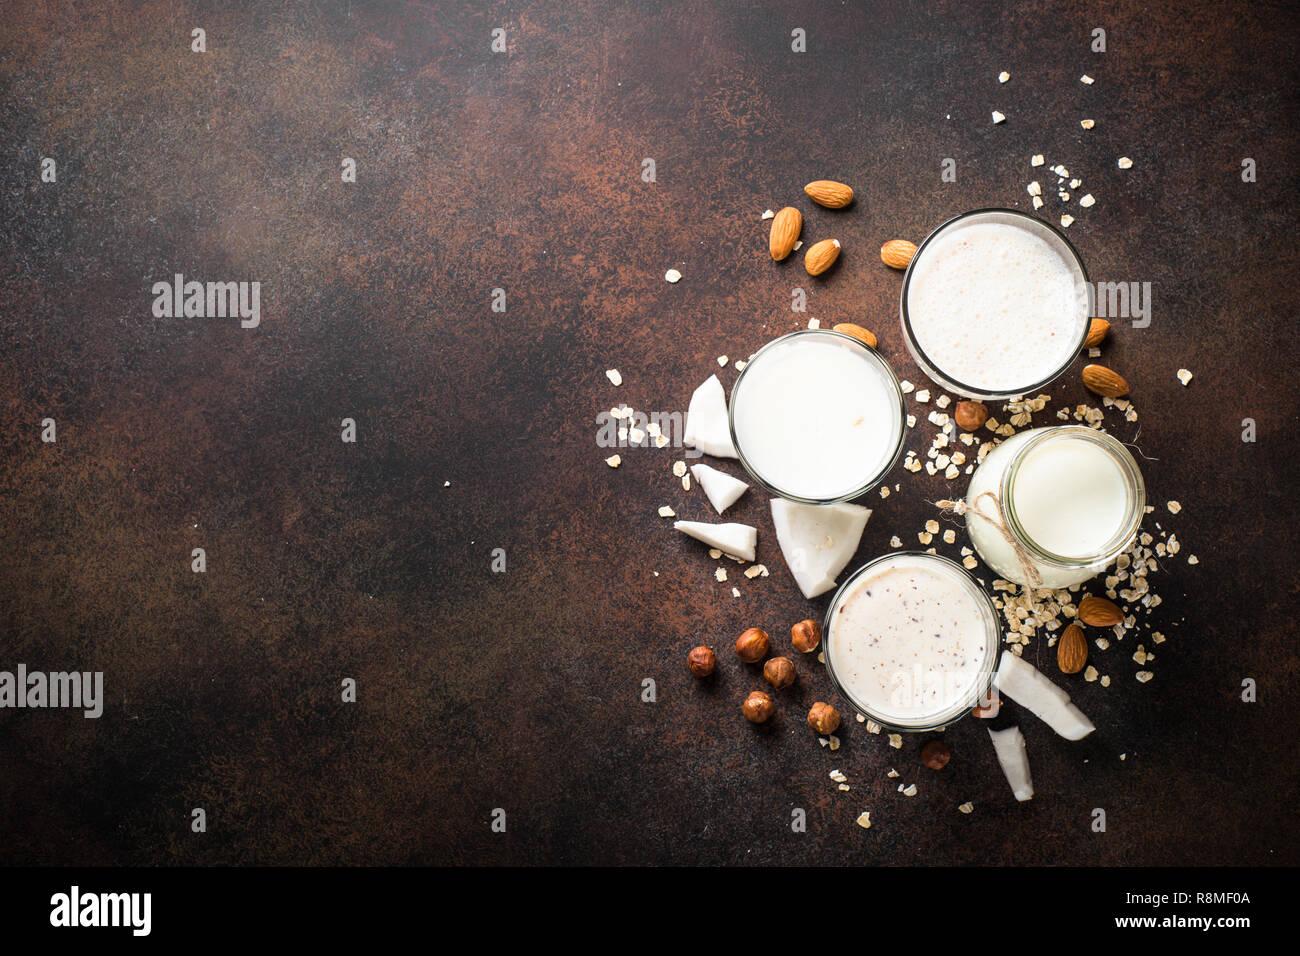 Vegan ohne Milchprodukte alternative Milch, Nüsse und hafermilch Ansicht von oben. Stockbild